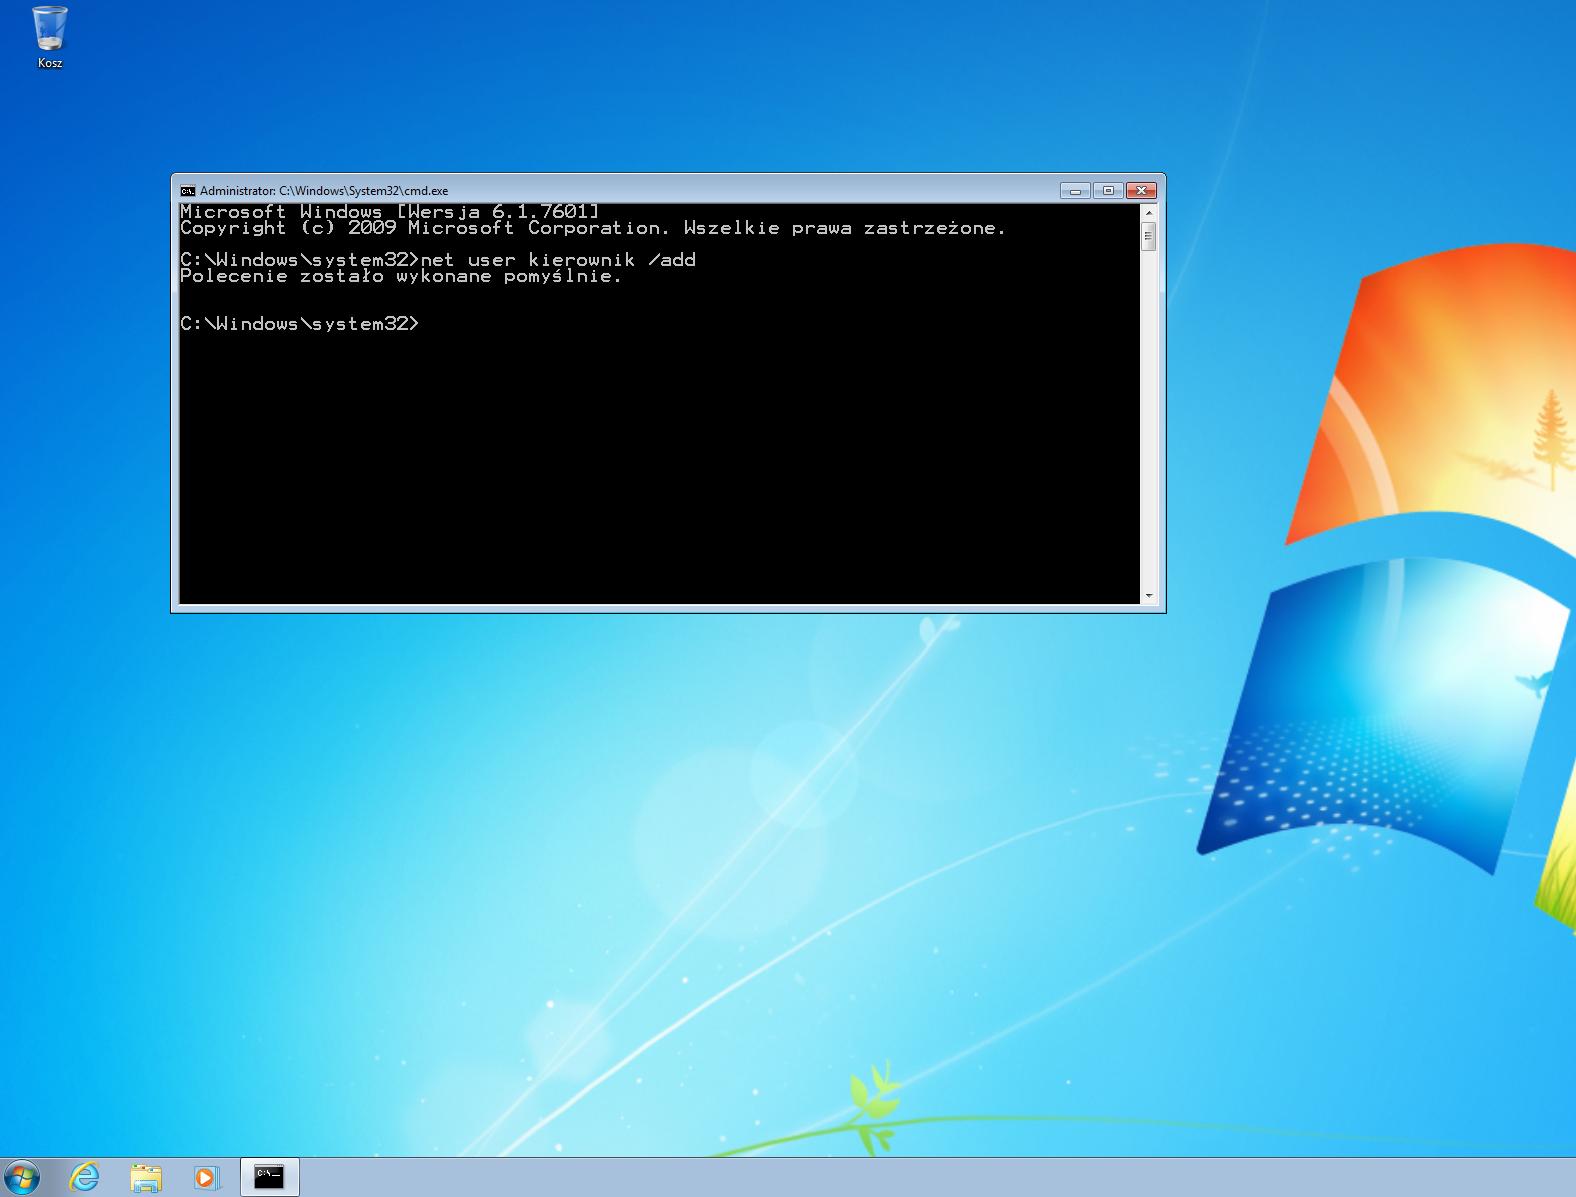 Systemy Operacyjne Tworzenie Konta Użytkownika Cli Windows